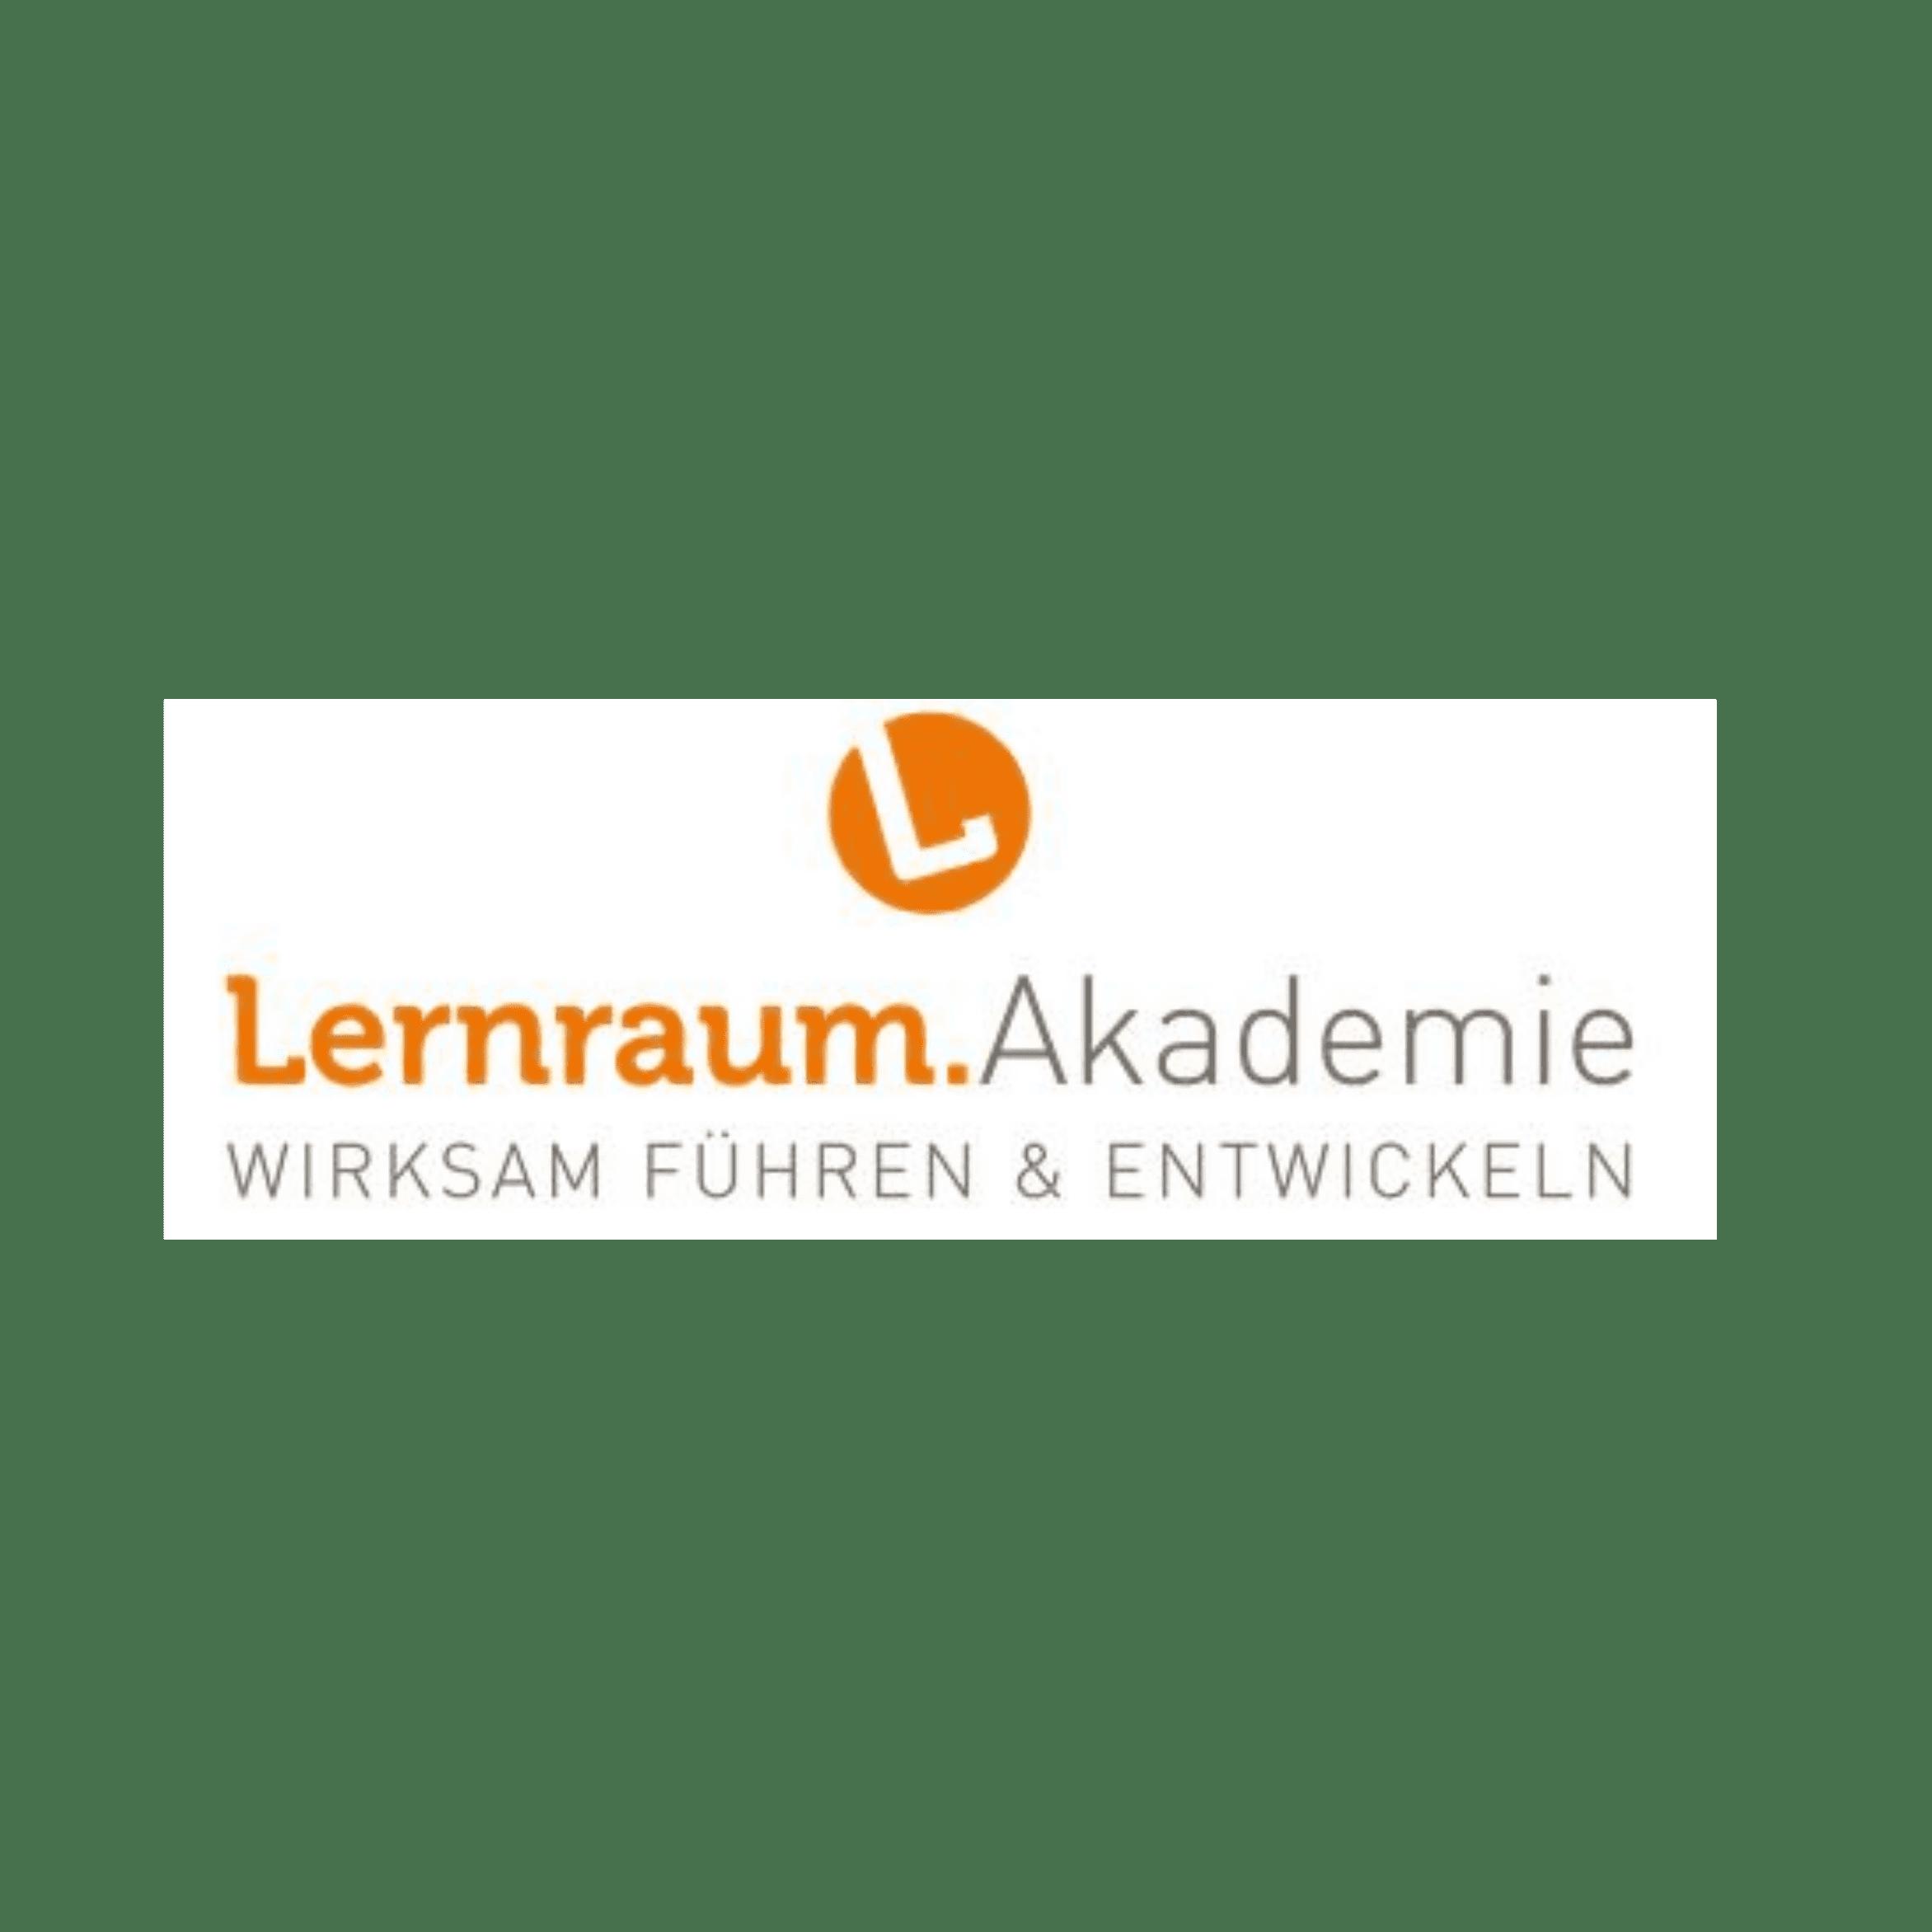 Lernraum Akademie